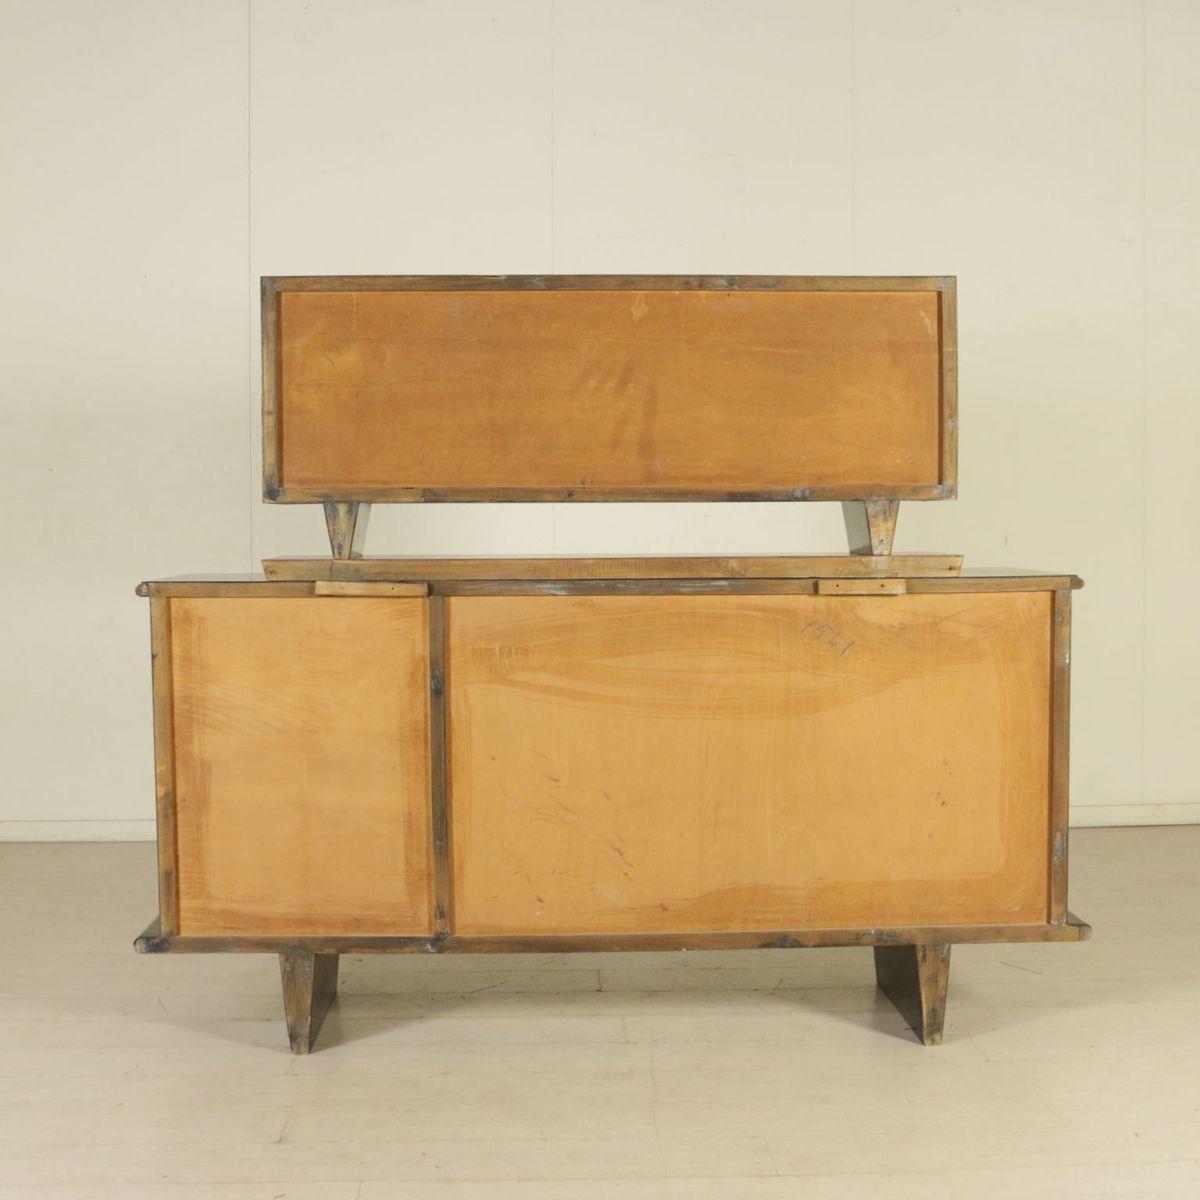 italienisches vintage sideboard aus glas esche furnier 1940er bei pamono kaufen. Black Bedroom Furniture Sets. Home Design Ideas